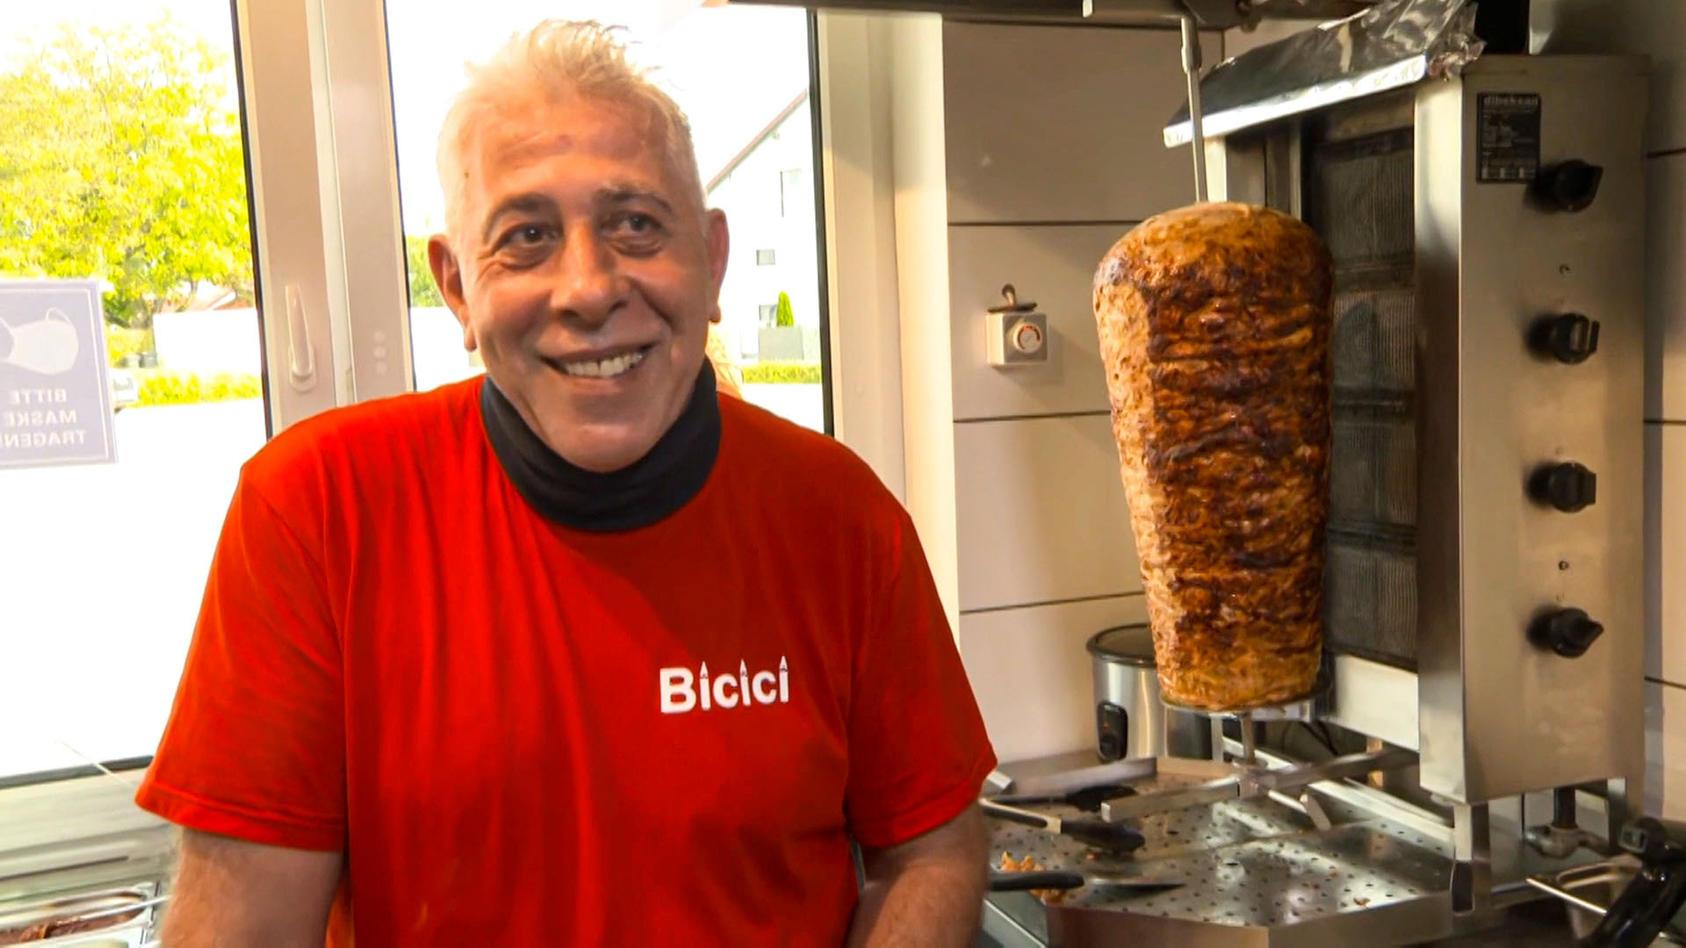 Bei Dönerladen-Besitzer Hüseyin Bicici in Essenbach (Kreis Landshut) gibt`s Döner für lau. Aber nur für Kunden, die mehr als 106 Kilo wiegen.